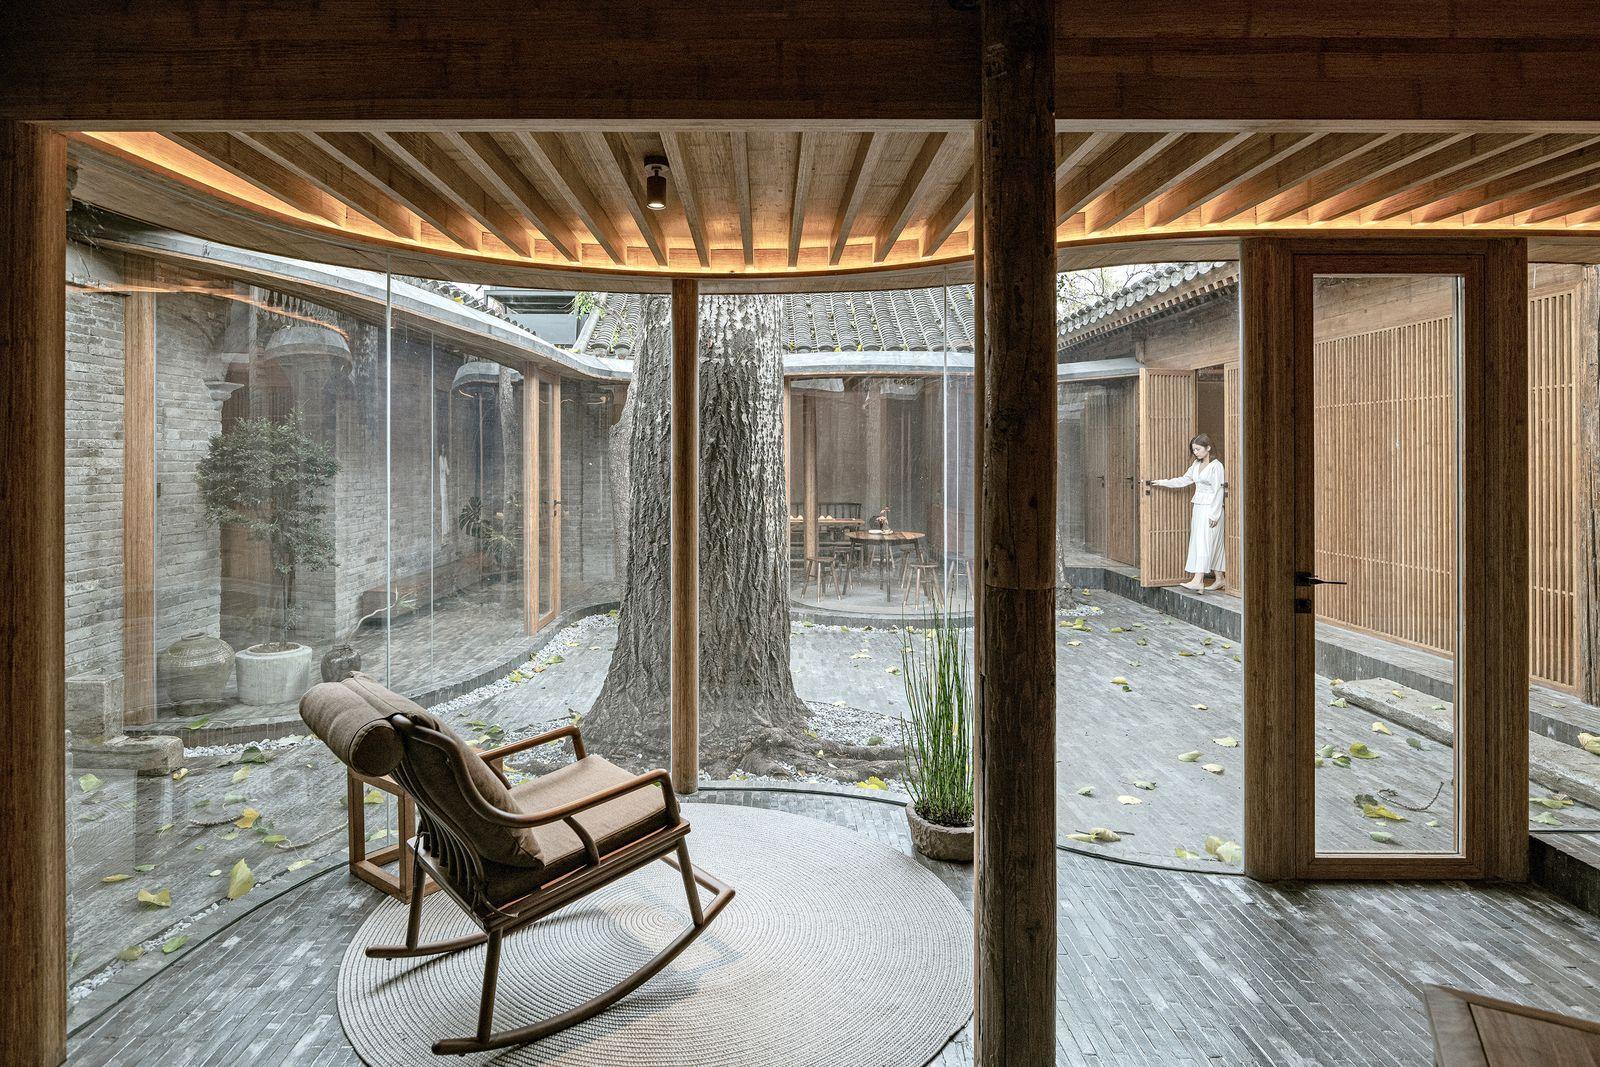 Una casa tradicional china en ruinas renace con un interior moderno y transparente